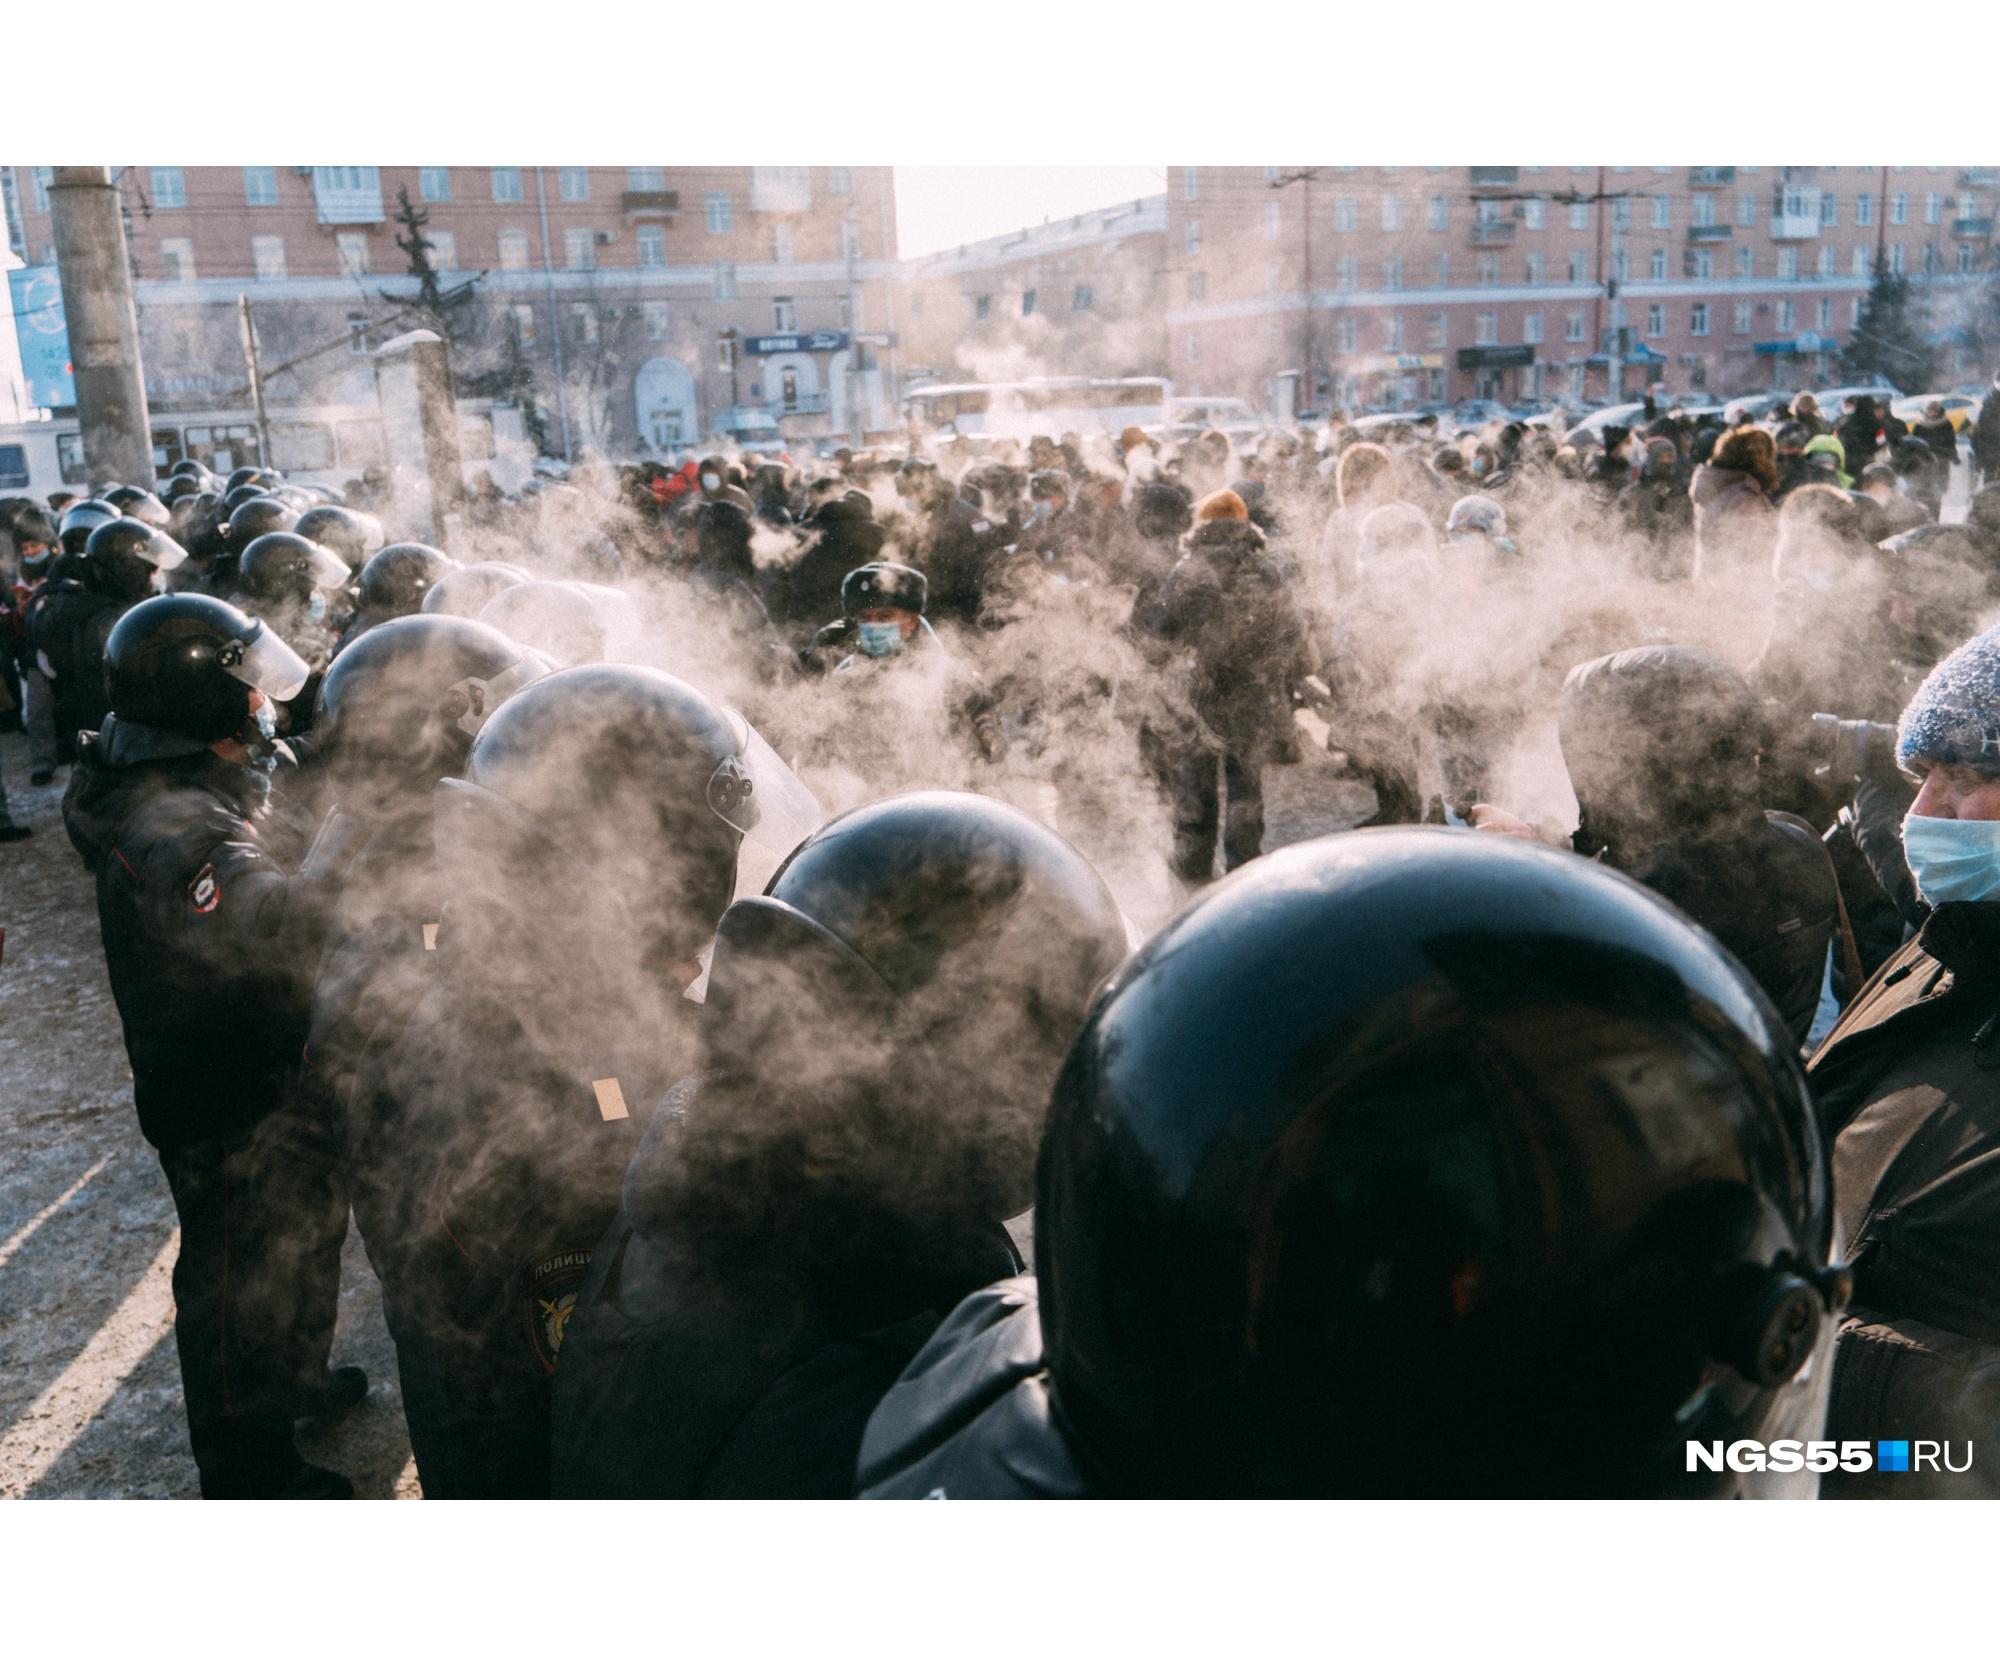 Сначала эта «стена» не пускала людей по проспекту Маркса. Часть людей повернула, чтобы пройти по улице Ленина. Через некоторое время эти полицейские ушли, и остаток толпы продолжил путь в сторону Театральной площади